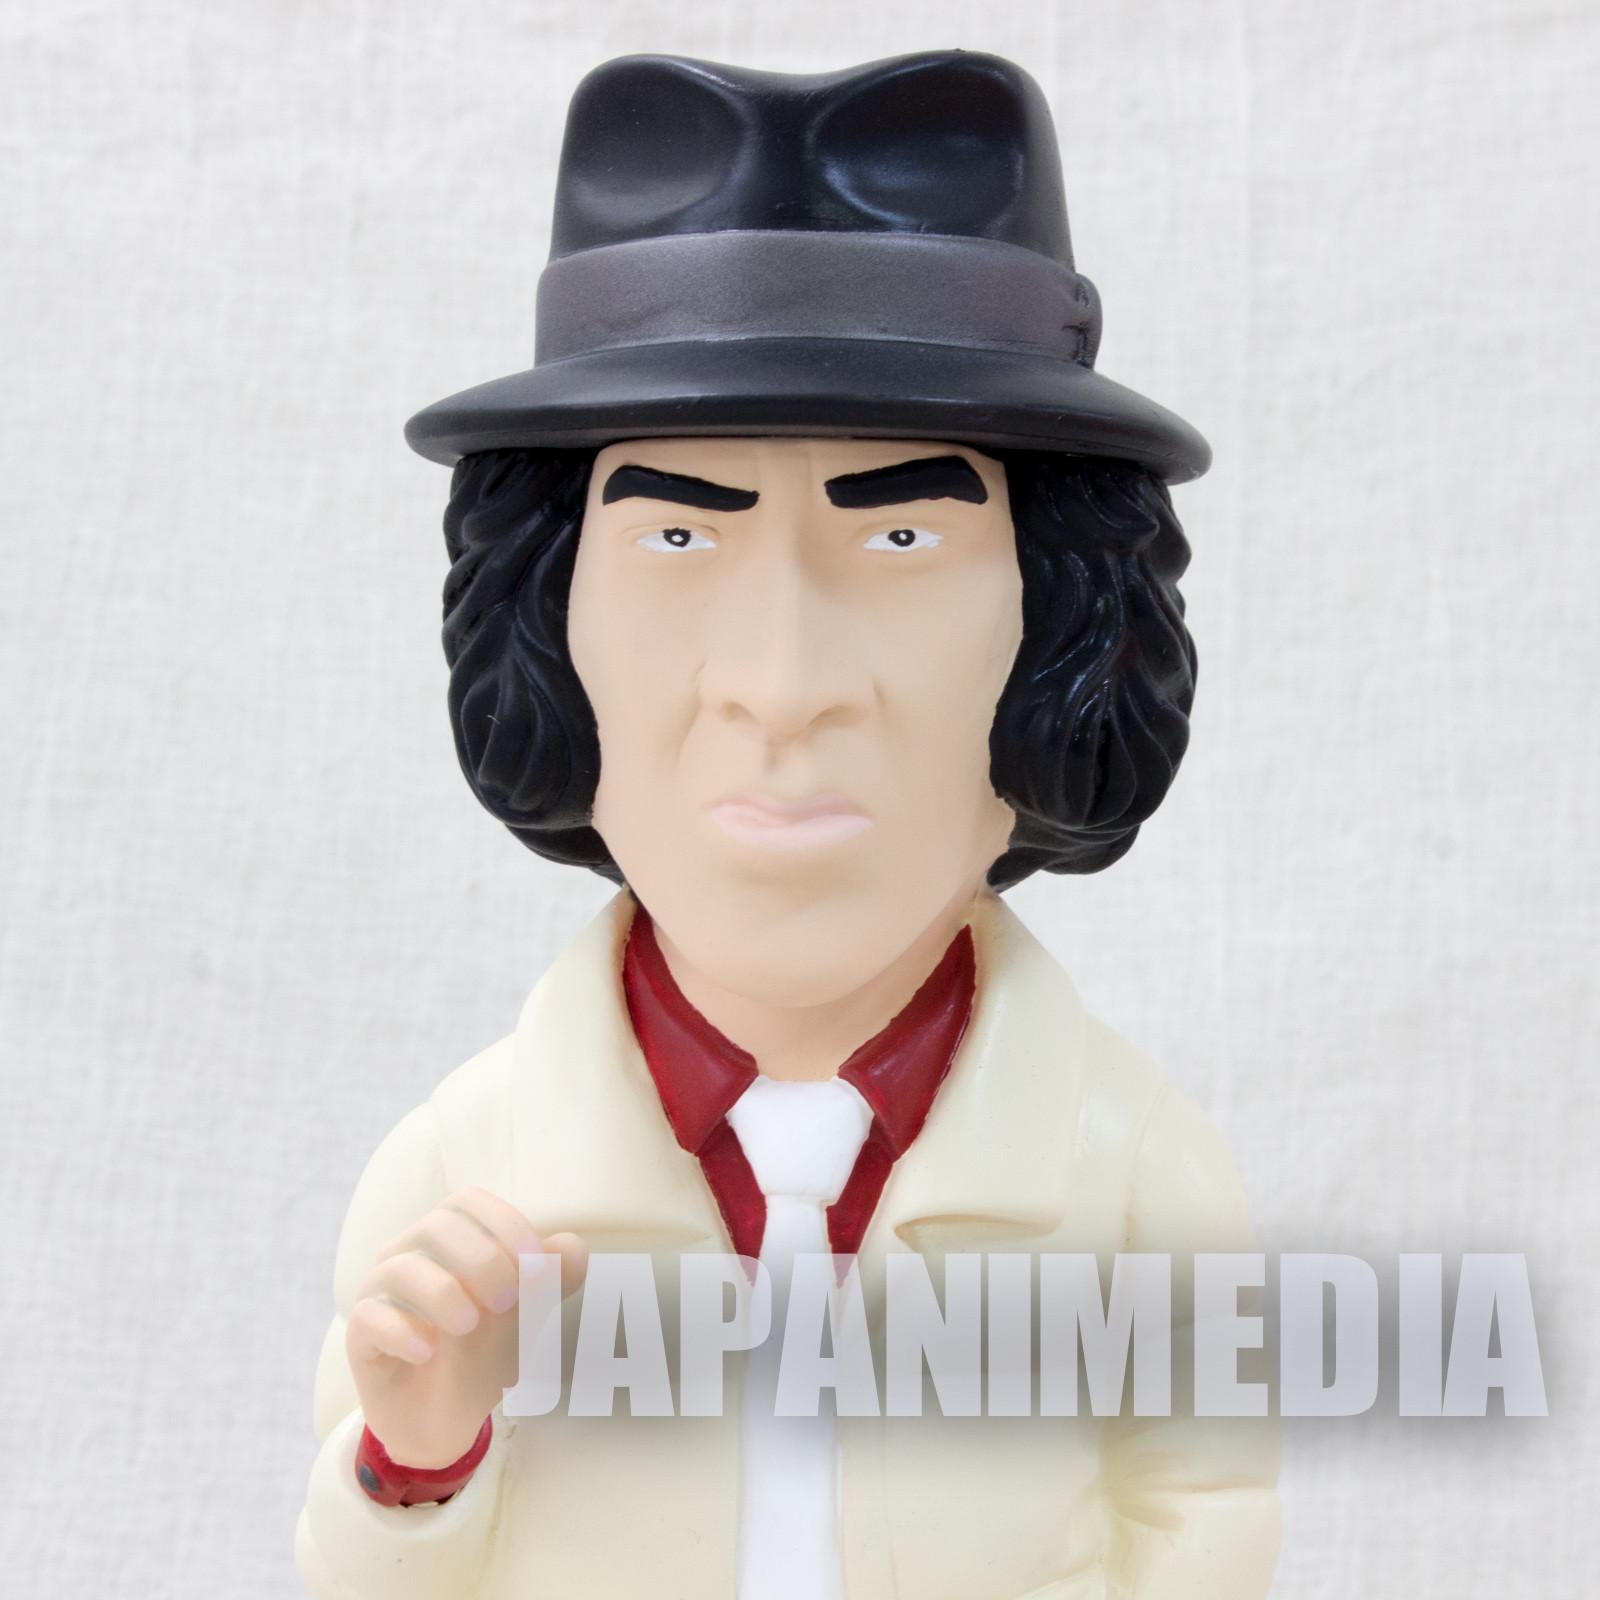 Yusaku Matsuda Shunsaku Kudo Detective Story Soft Vinyl Figure Painted